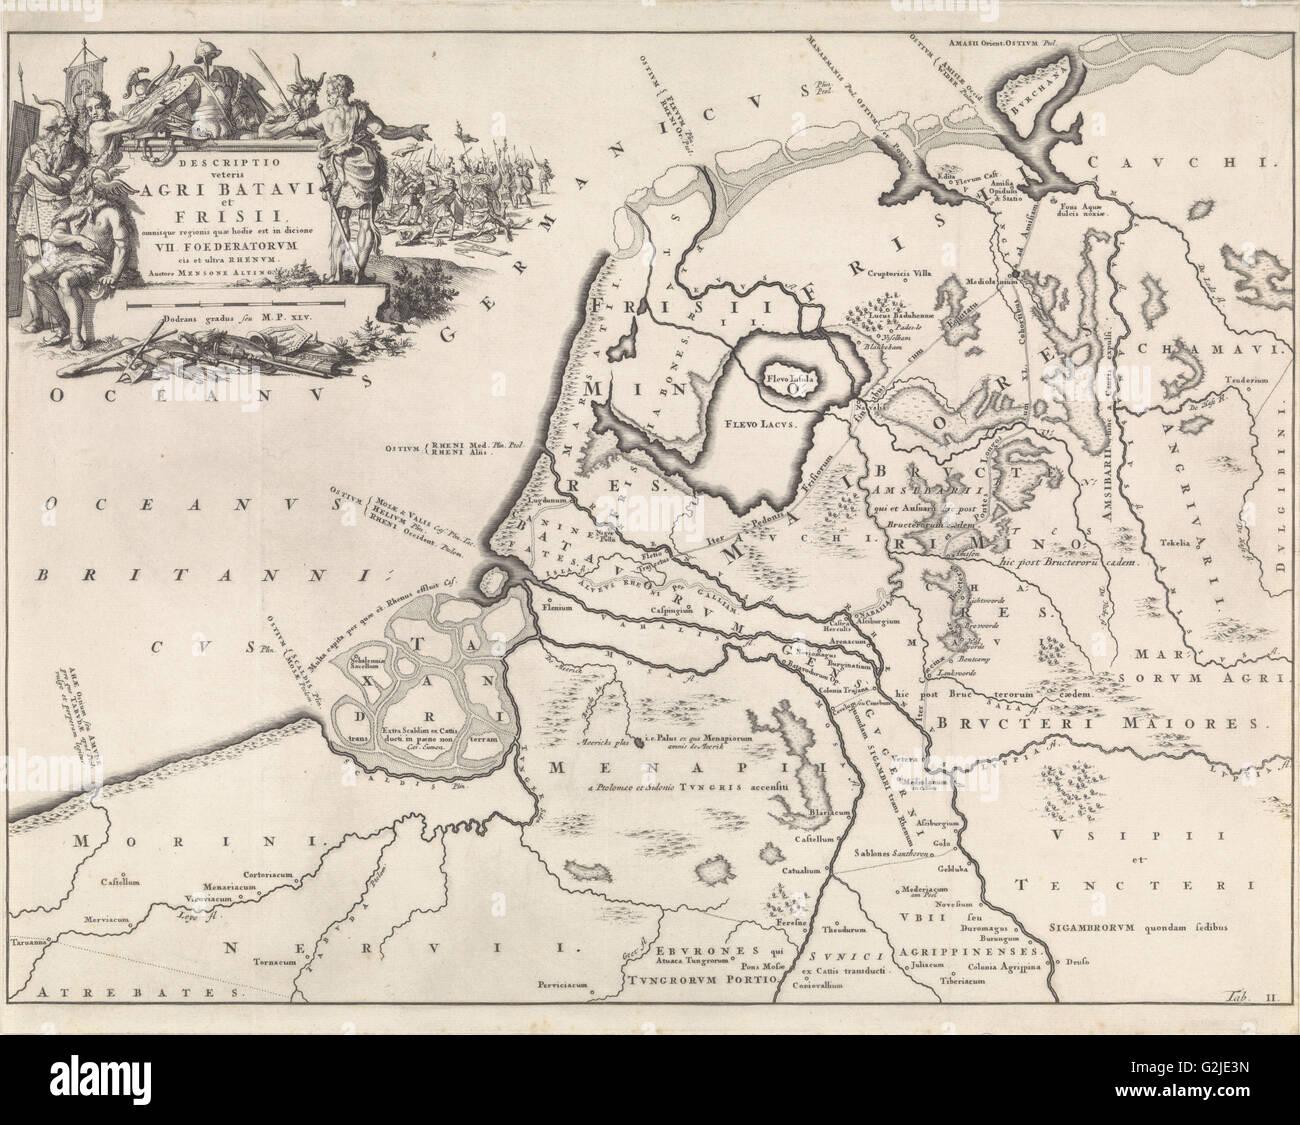 Carte historique des Pays-Bas à l'époque de l'Bataves et frisons II, Jan Luyken, Henricus Wetstein, Photo Stock